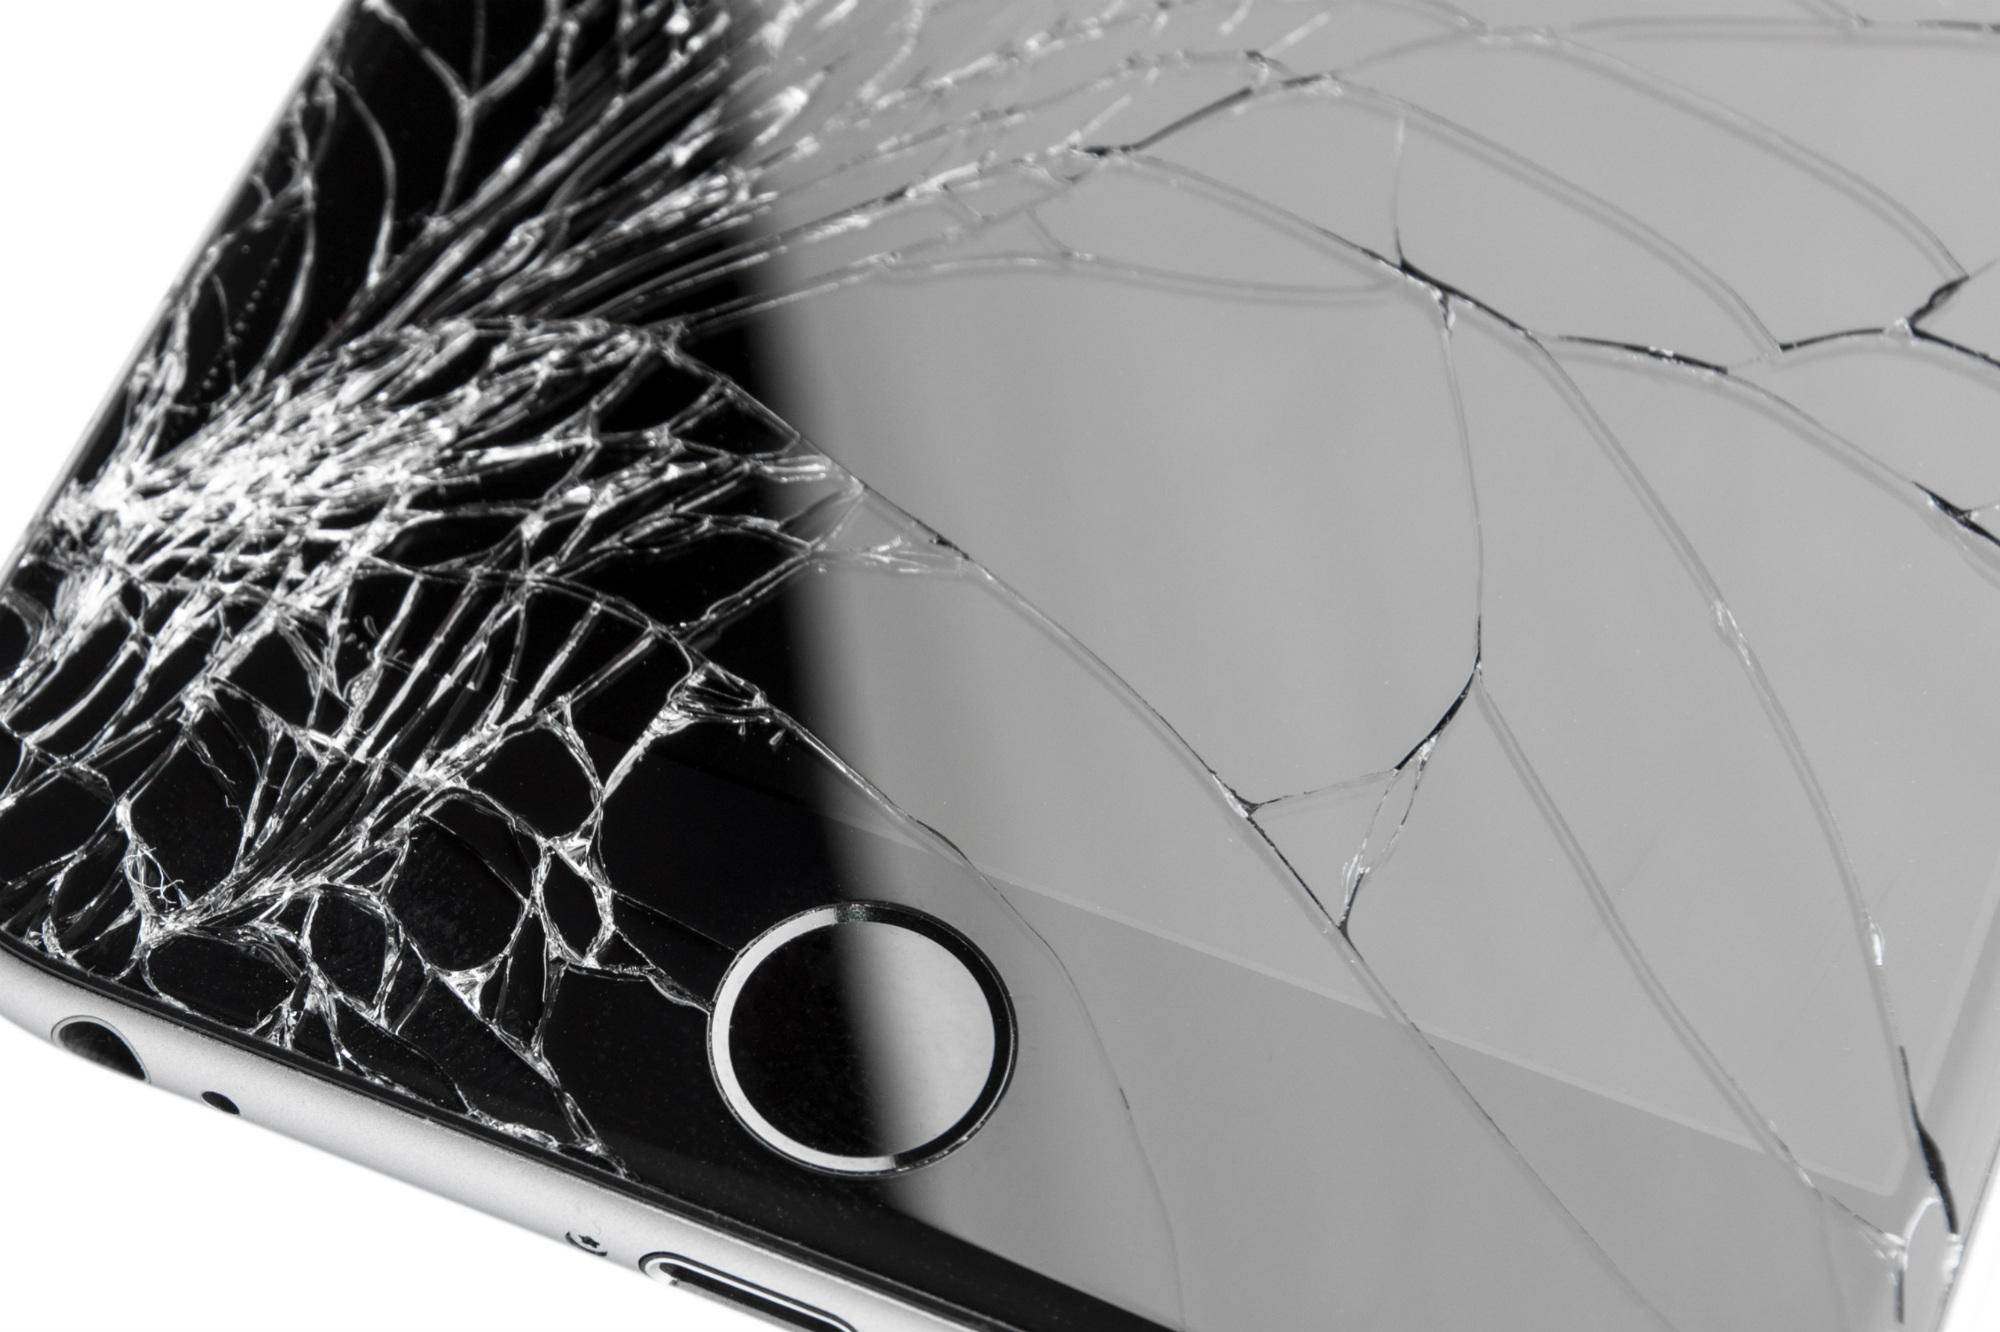 apple peut bloquer votre iphone si un r parateur non agr a touch son cran meilleur mobile. Black Bedroom Furniture Sets. Home Design Ideas